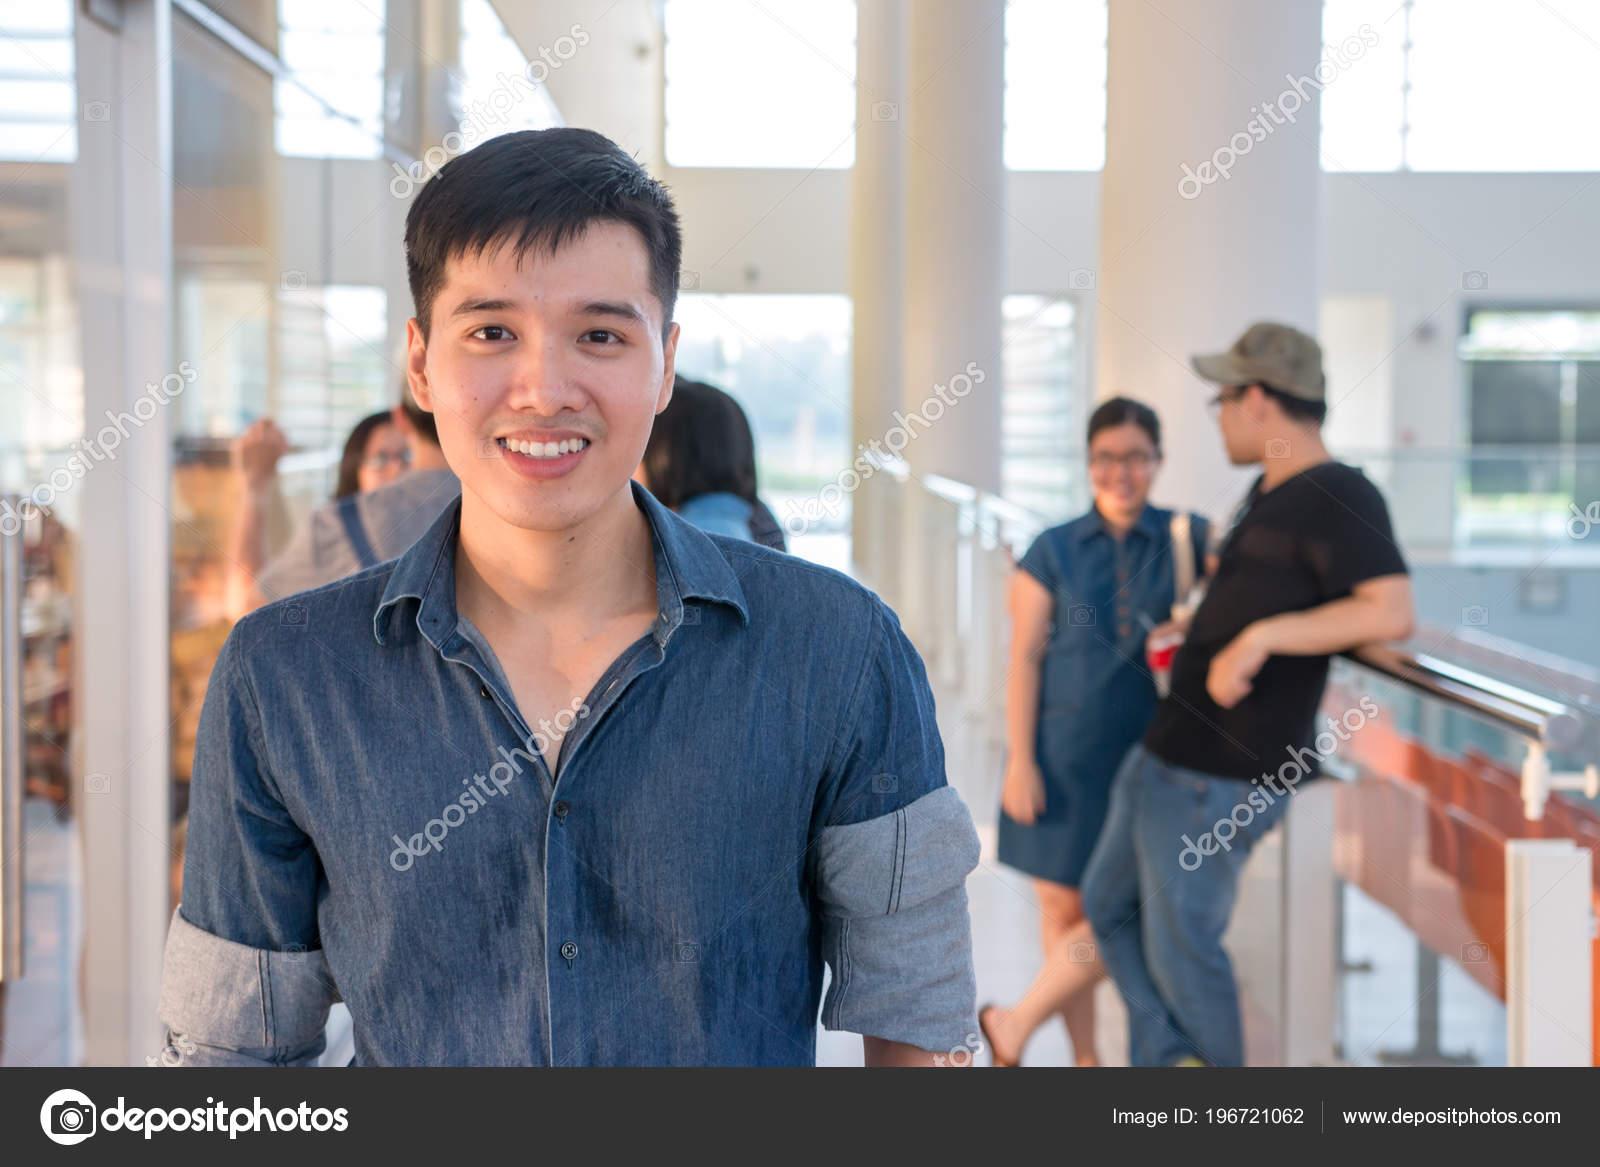 Sonrisas Hombres Asiaticos Lindo Guapo Estudiante